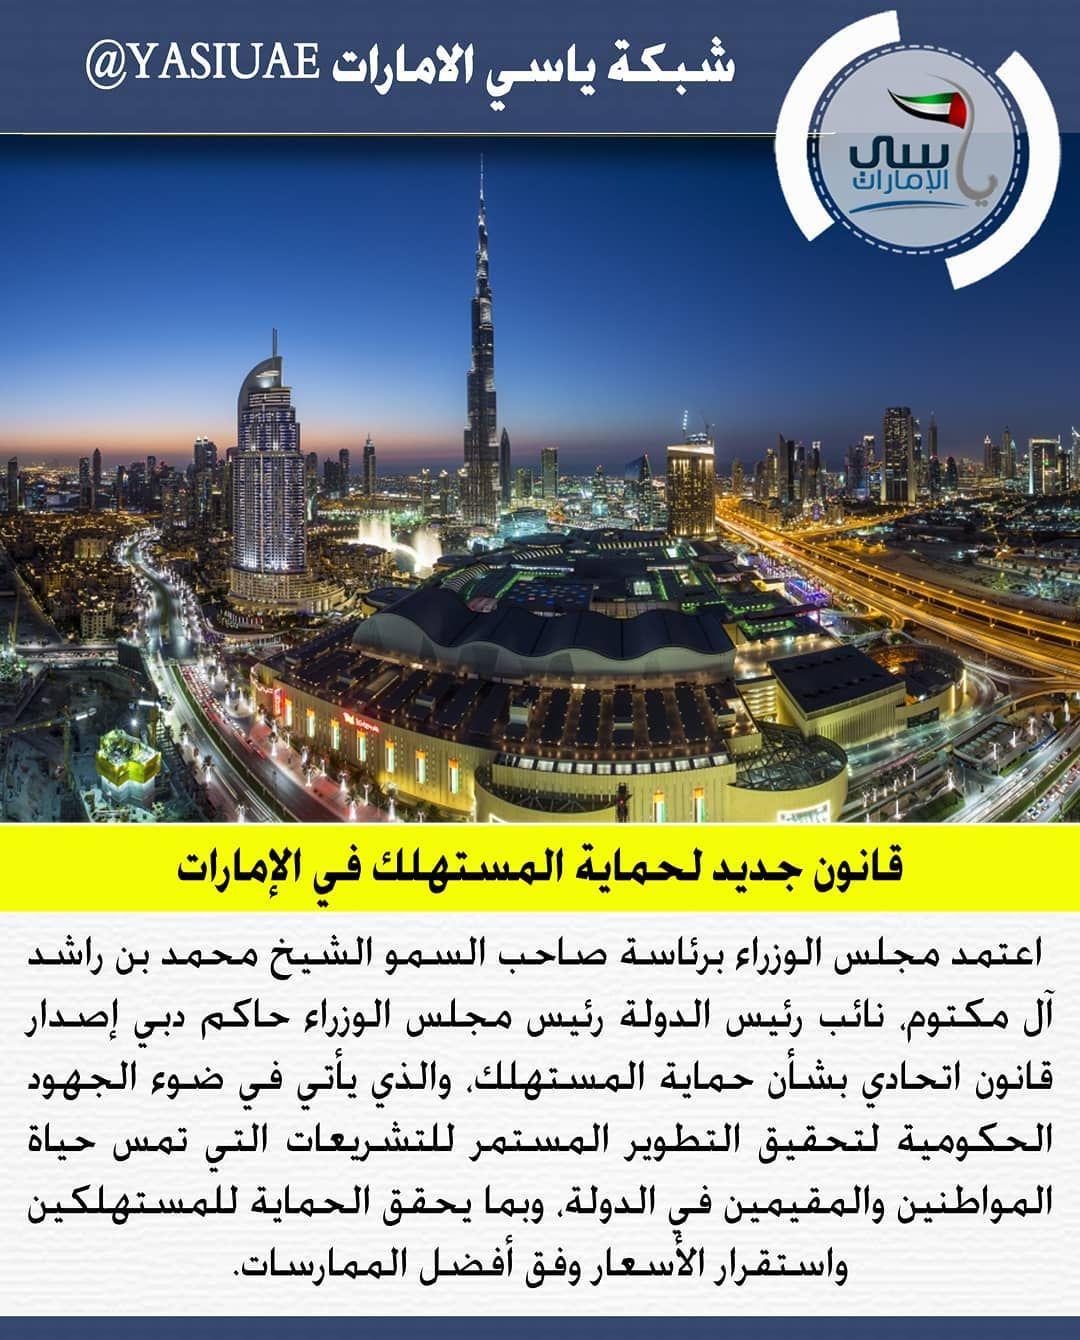 شبكة ياسي الامارات قانون جديد لحماية المستهلك في الإمارات ياسي الامارات اخبار الامارات الامارات ابوظبي Screenshots Pandora Screenshot Desktop Screenshot